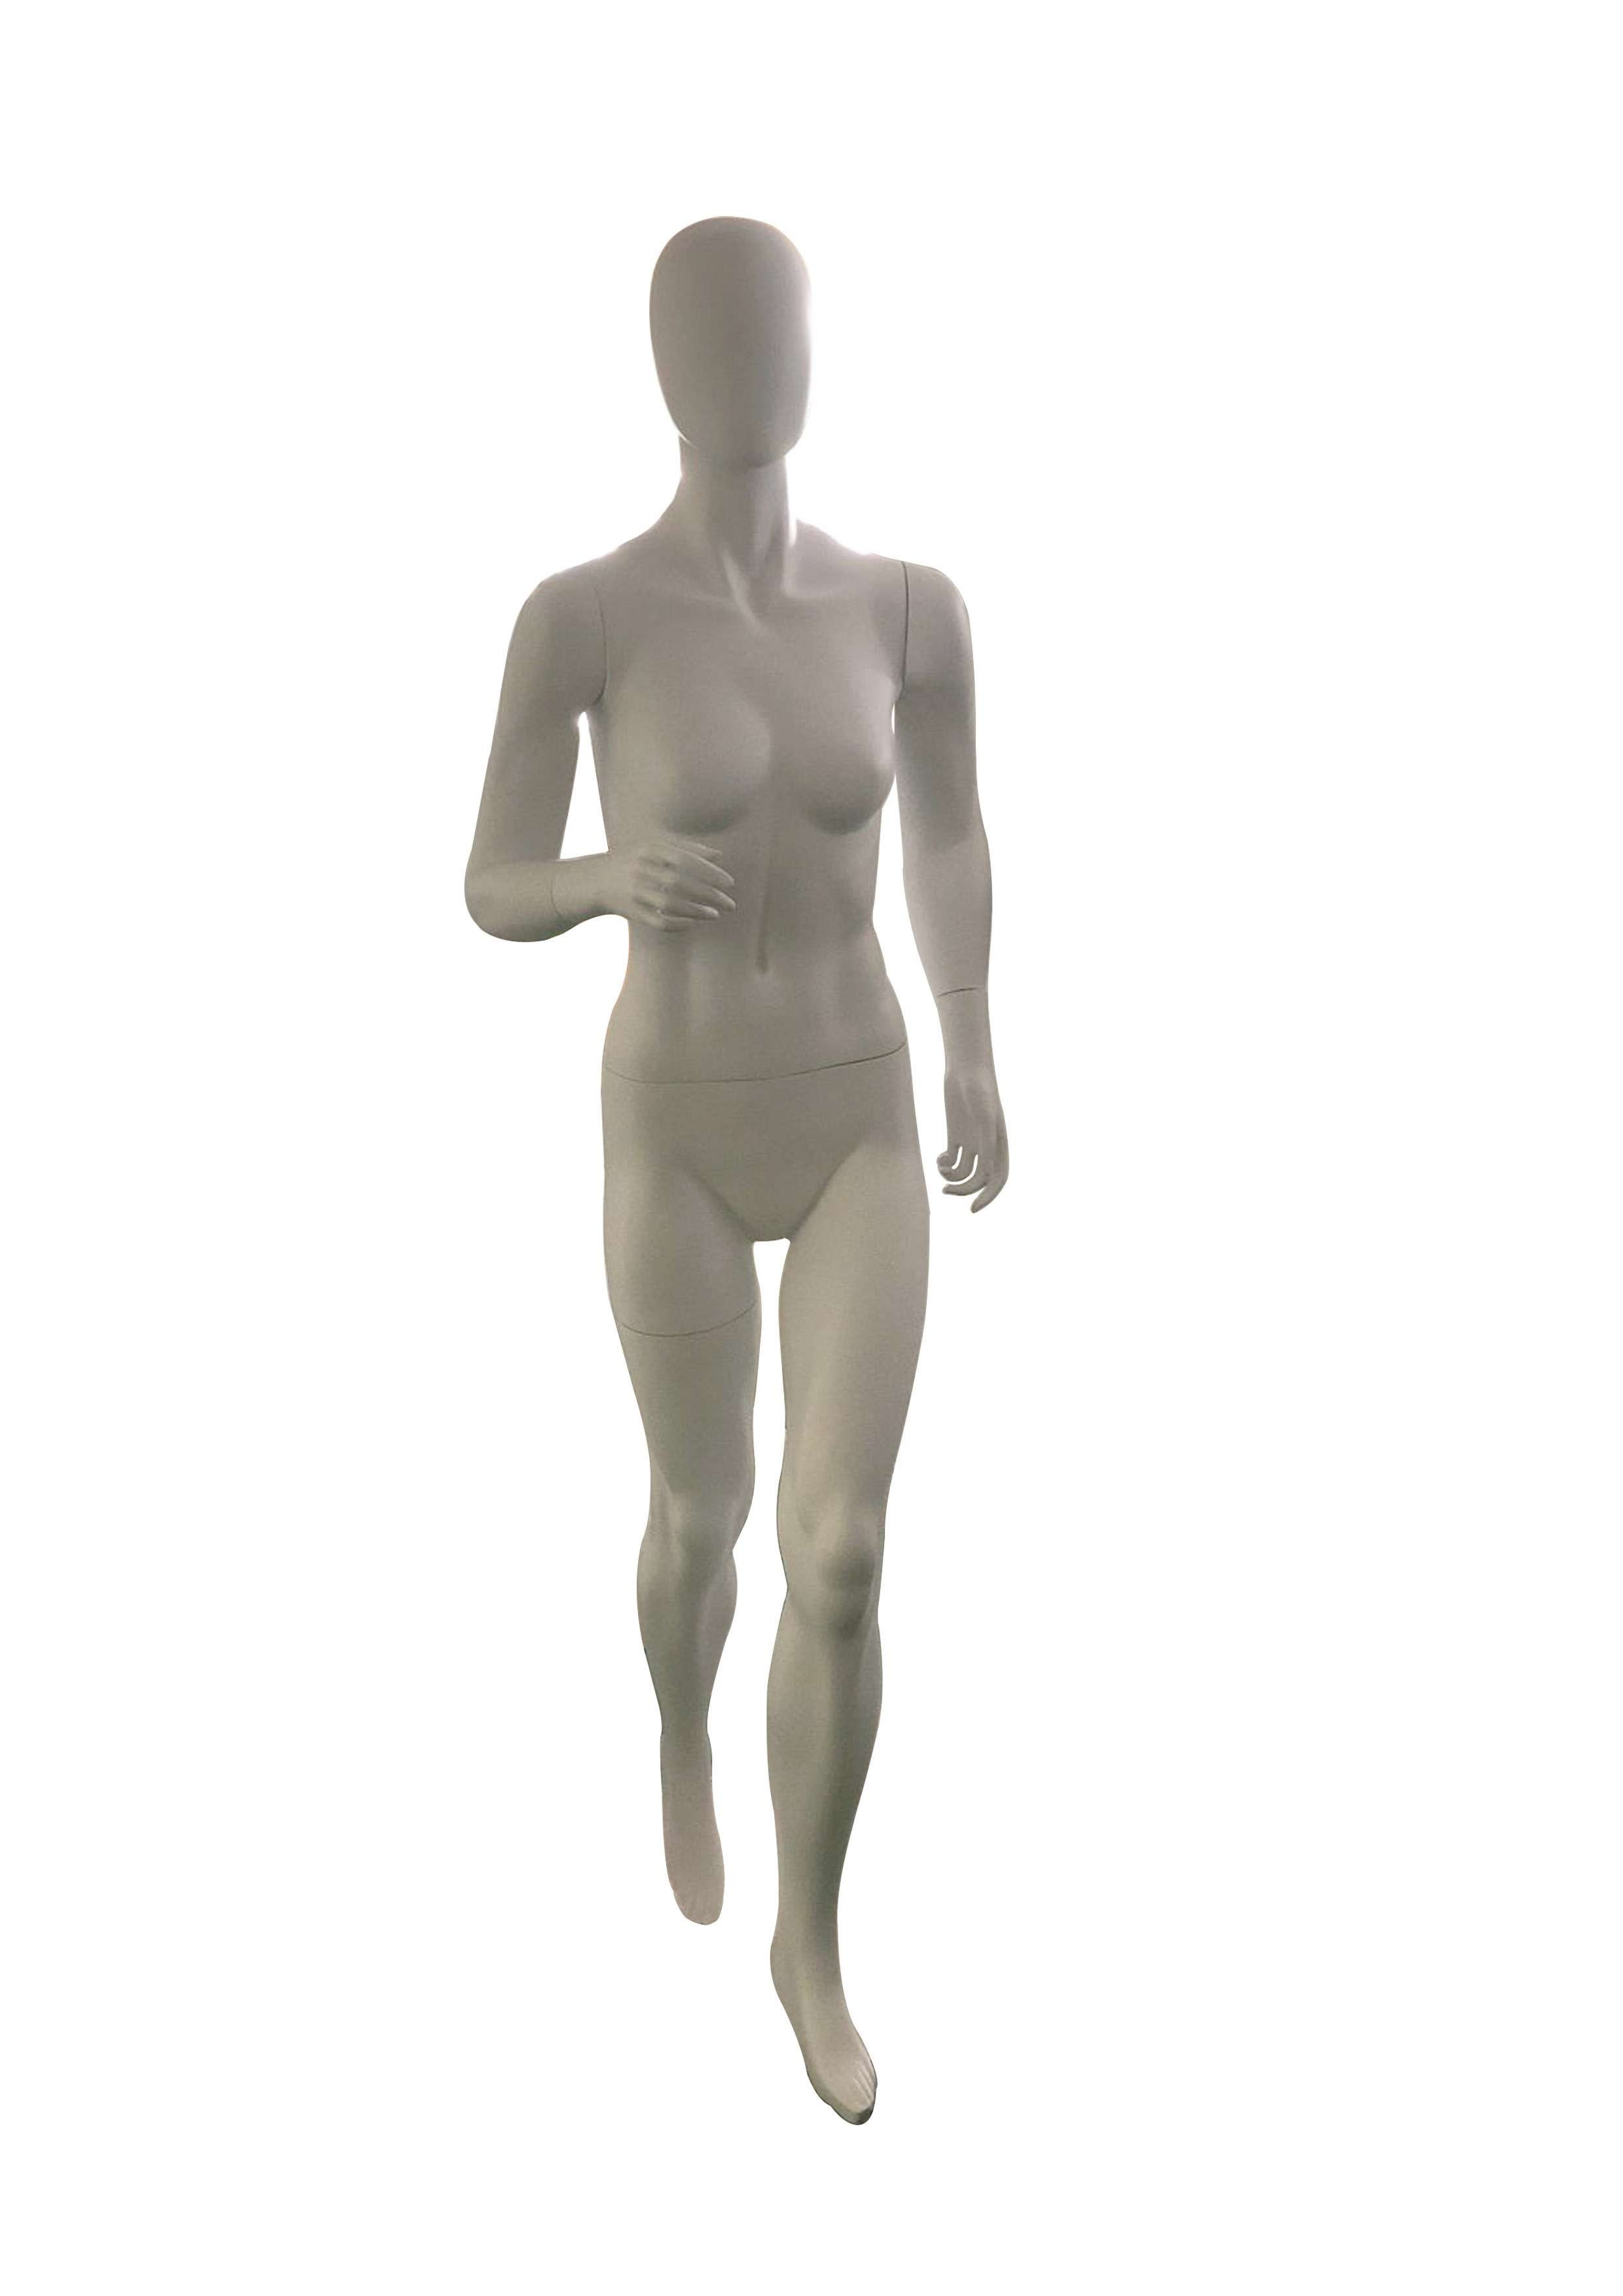 欢乐时装模特白色磨砂女性全身玻璃纤维运行egghead模特JY-HFR